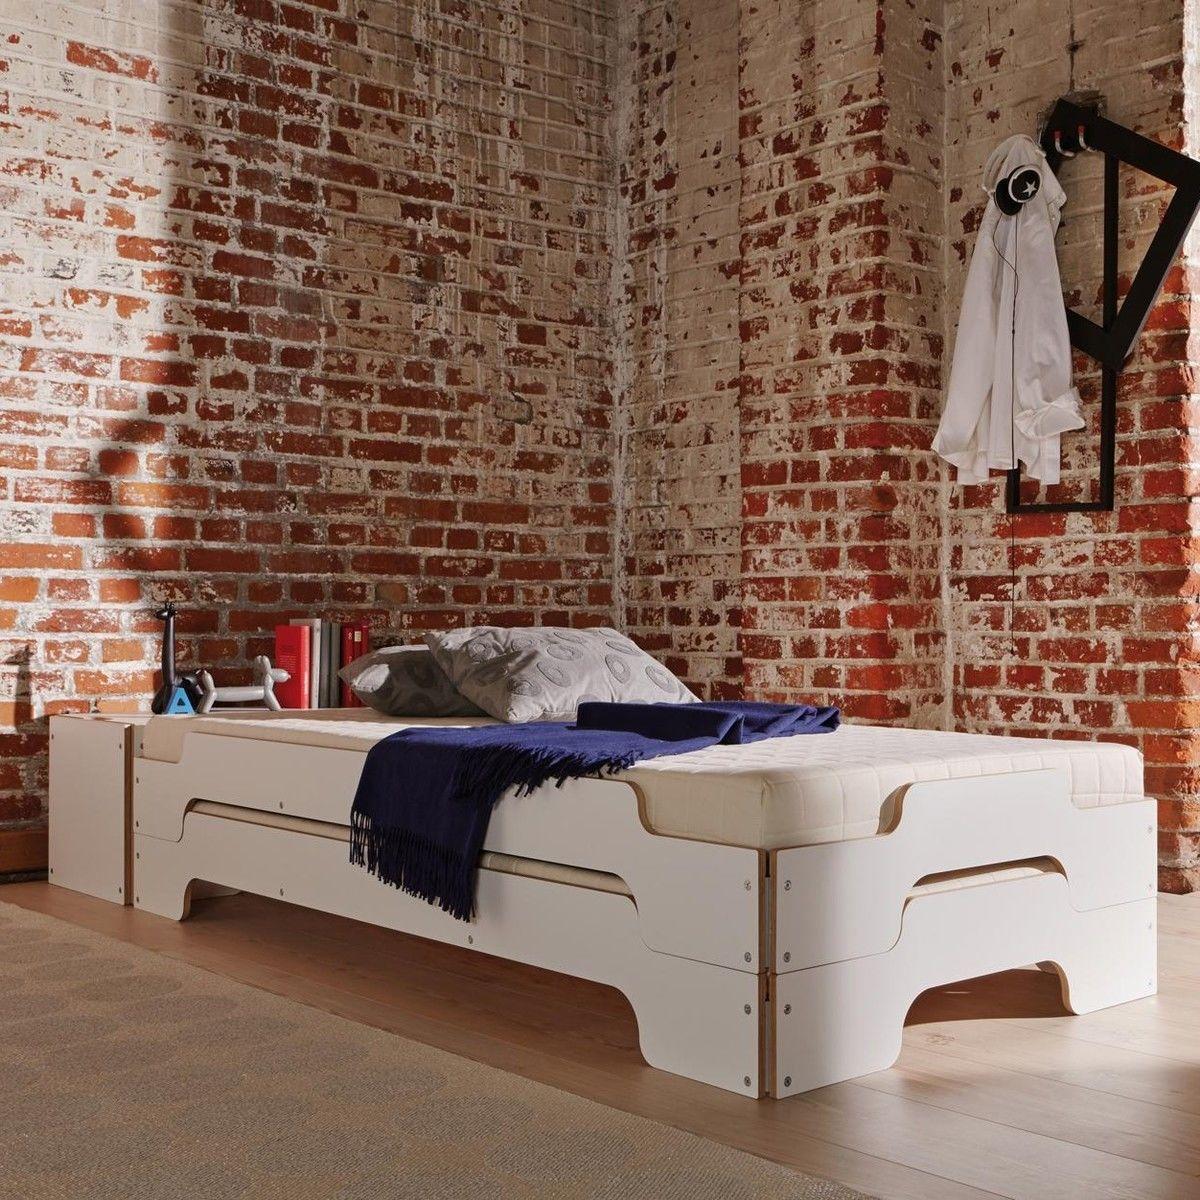 rolf heide couchette empilable m ller m belwerkst tten. Black Bedroom Furniture Sets. Home Design Ideas